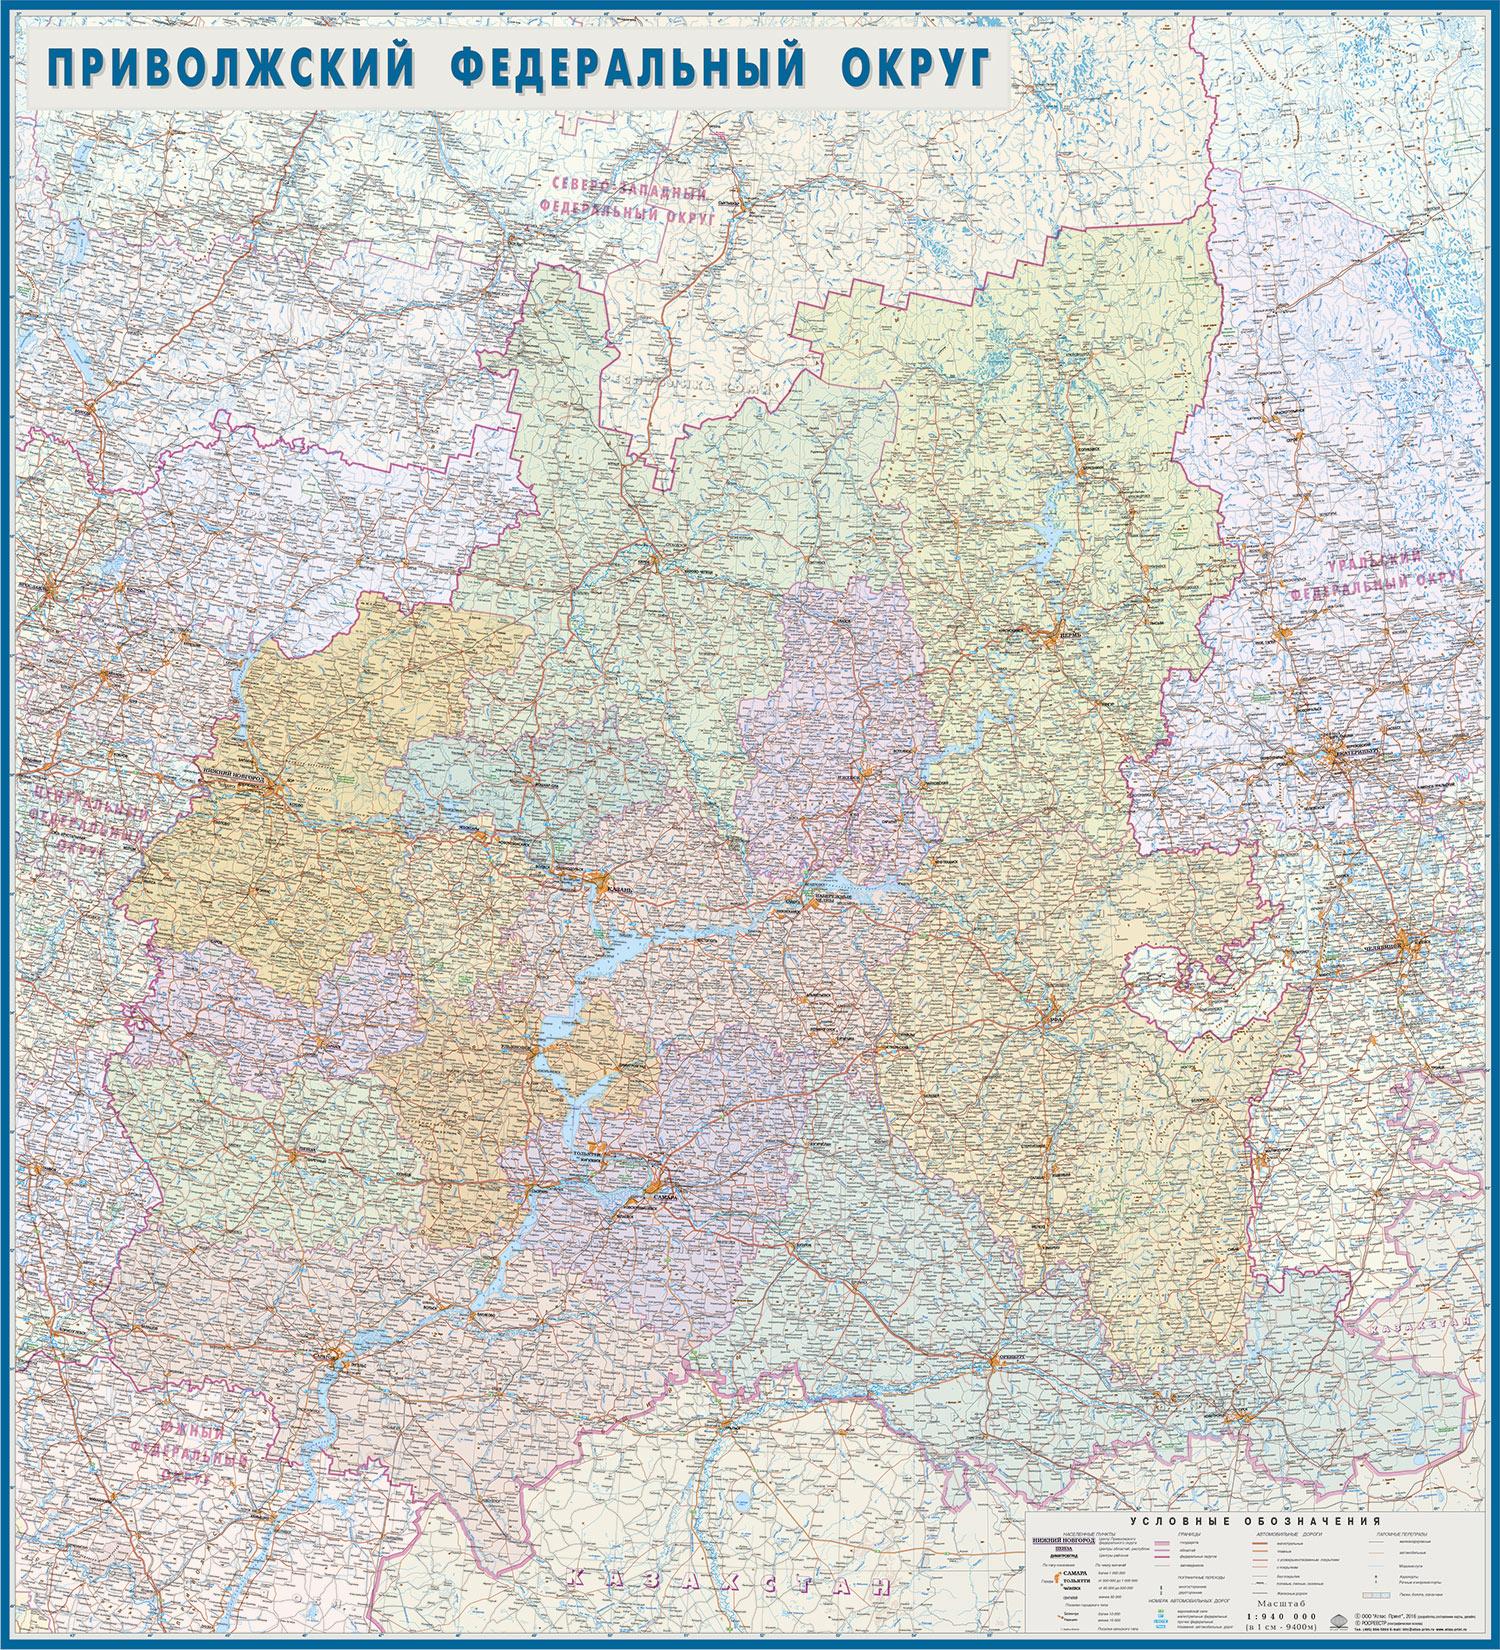 Настенная карта Приволжского федерального округа России (ПФО)  размер 1,50 х 1,65 м ламинированная на заказ